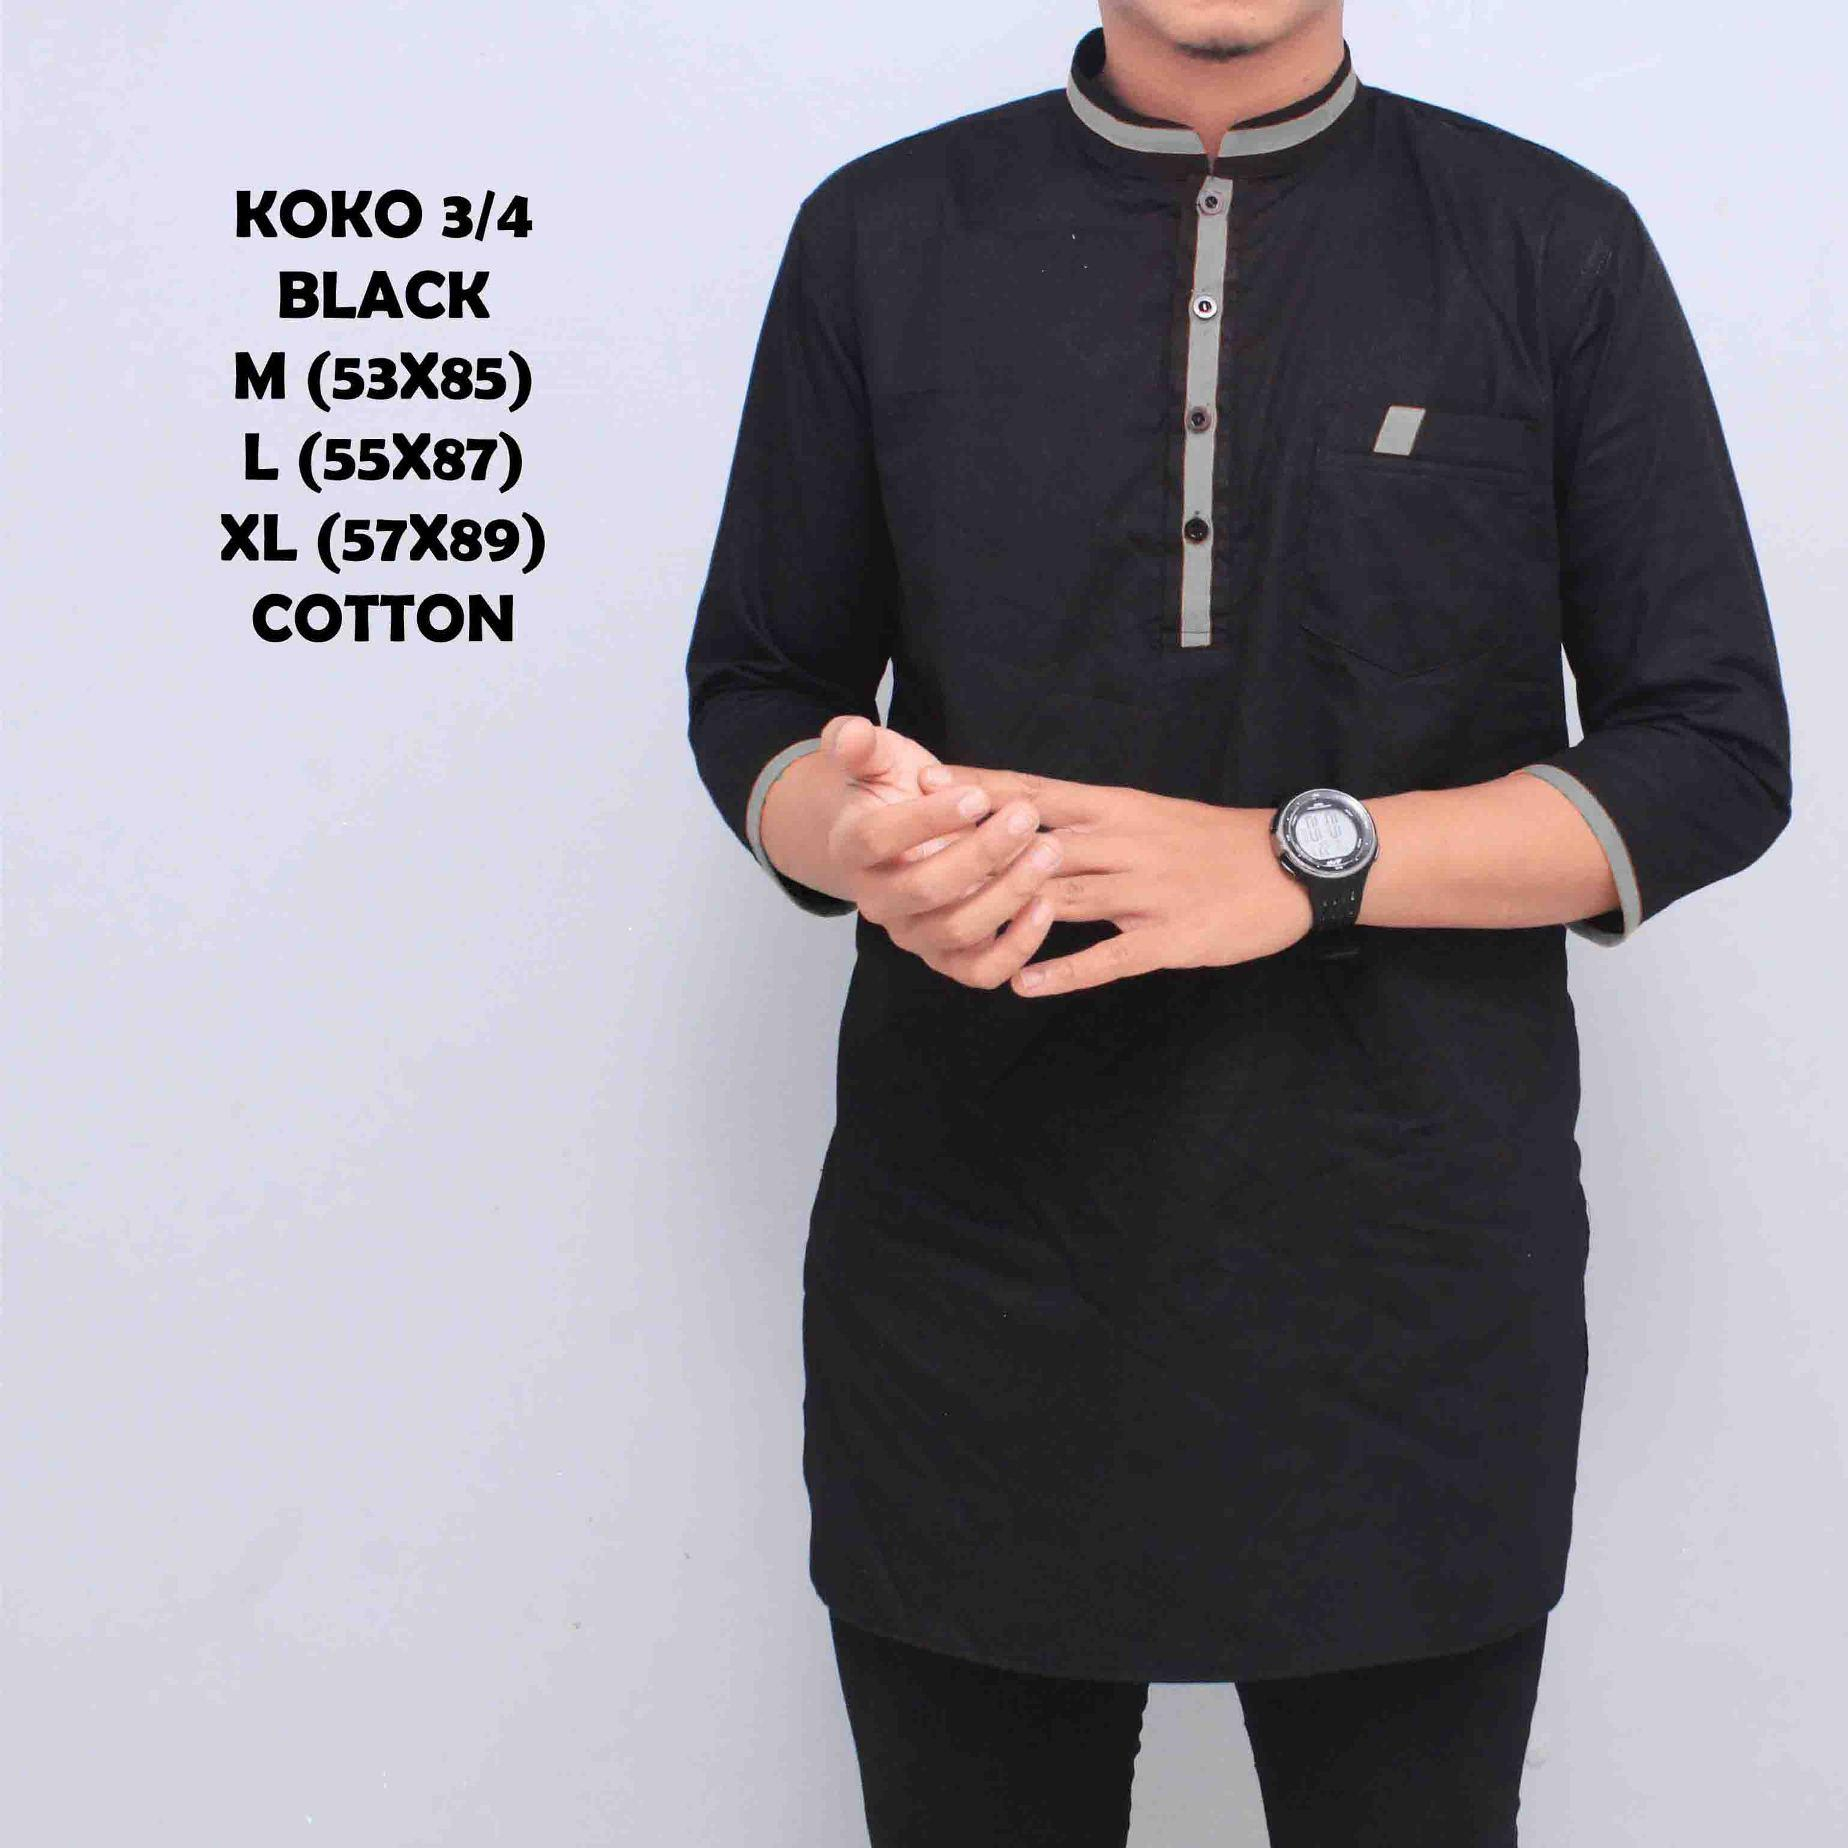 Kemeja Koko Pakistan Baju Gamis Muslim Baju Qurta Pria Lengan 3/4 Hitam List